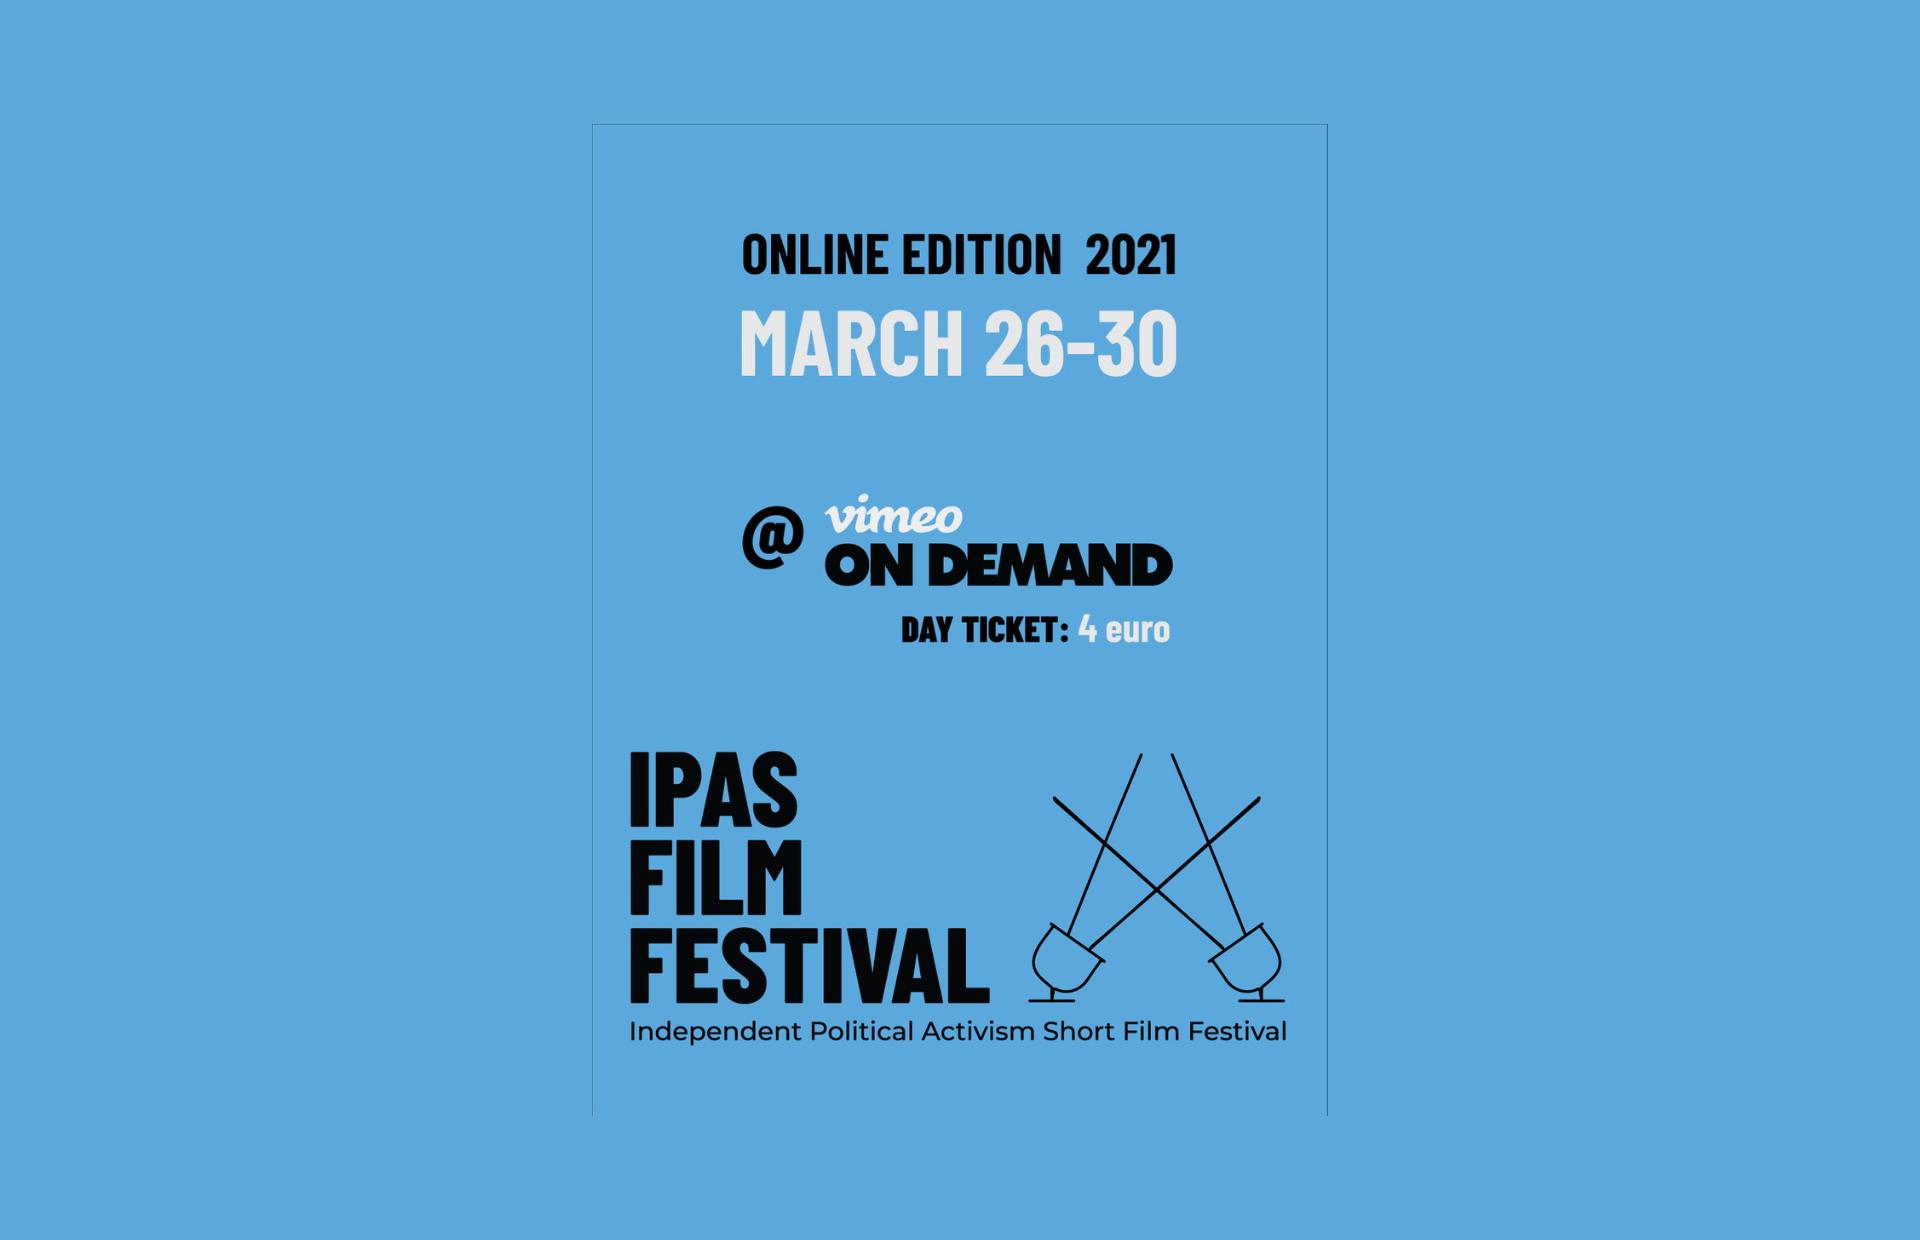 IPAS FILM FESTIVAL 2021